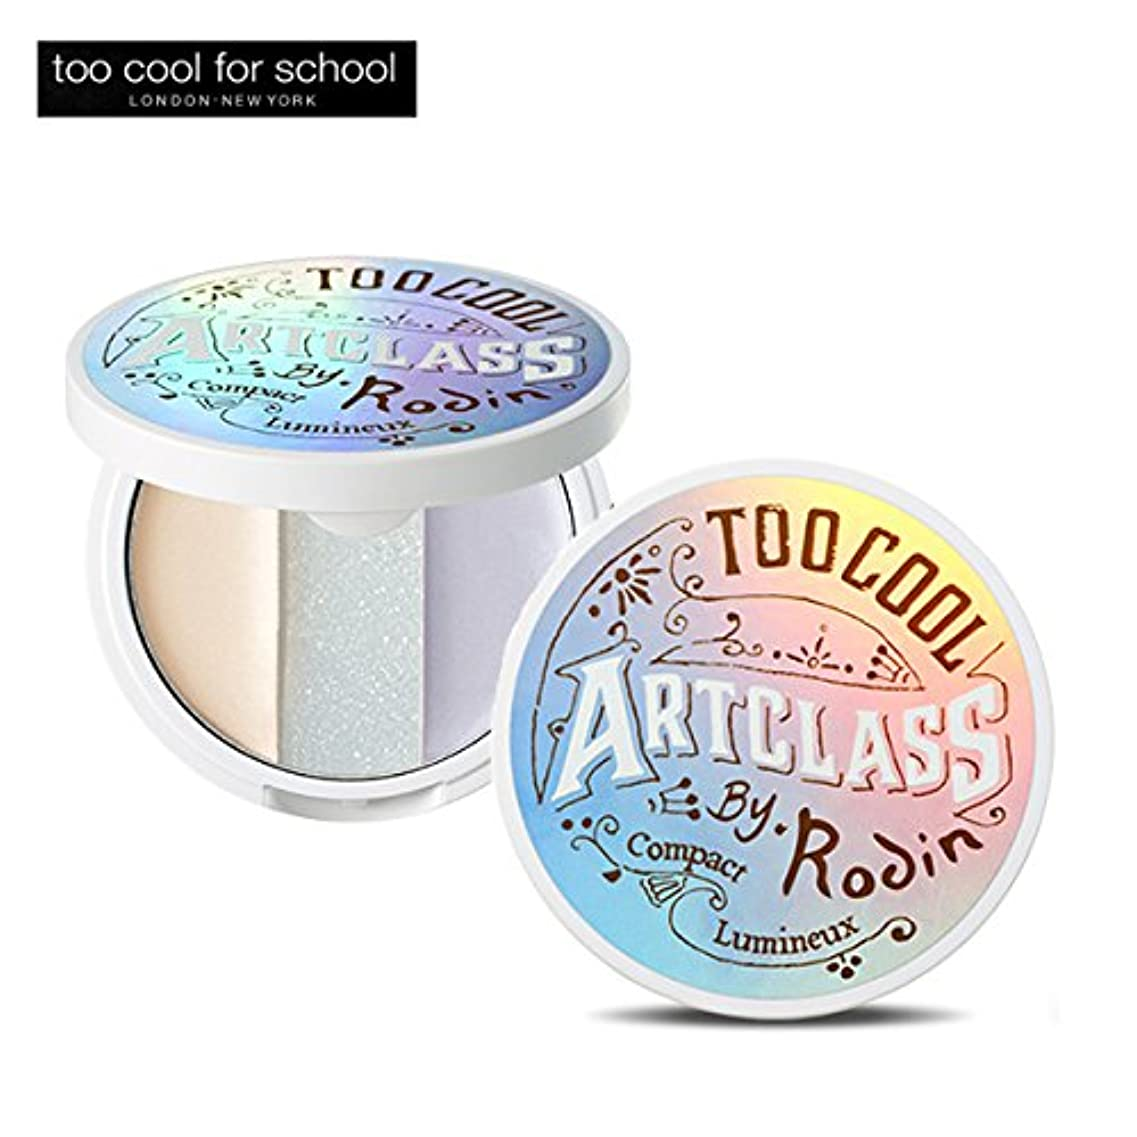 フィラデルフィアペレット好きであるtoo cool for school(トゥークールフォースクール) アートクラス バイロデン ルミナスバーニッシュ(Art Class By Rodin Lumineuse Varnish)7g